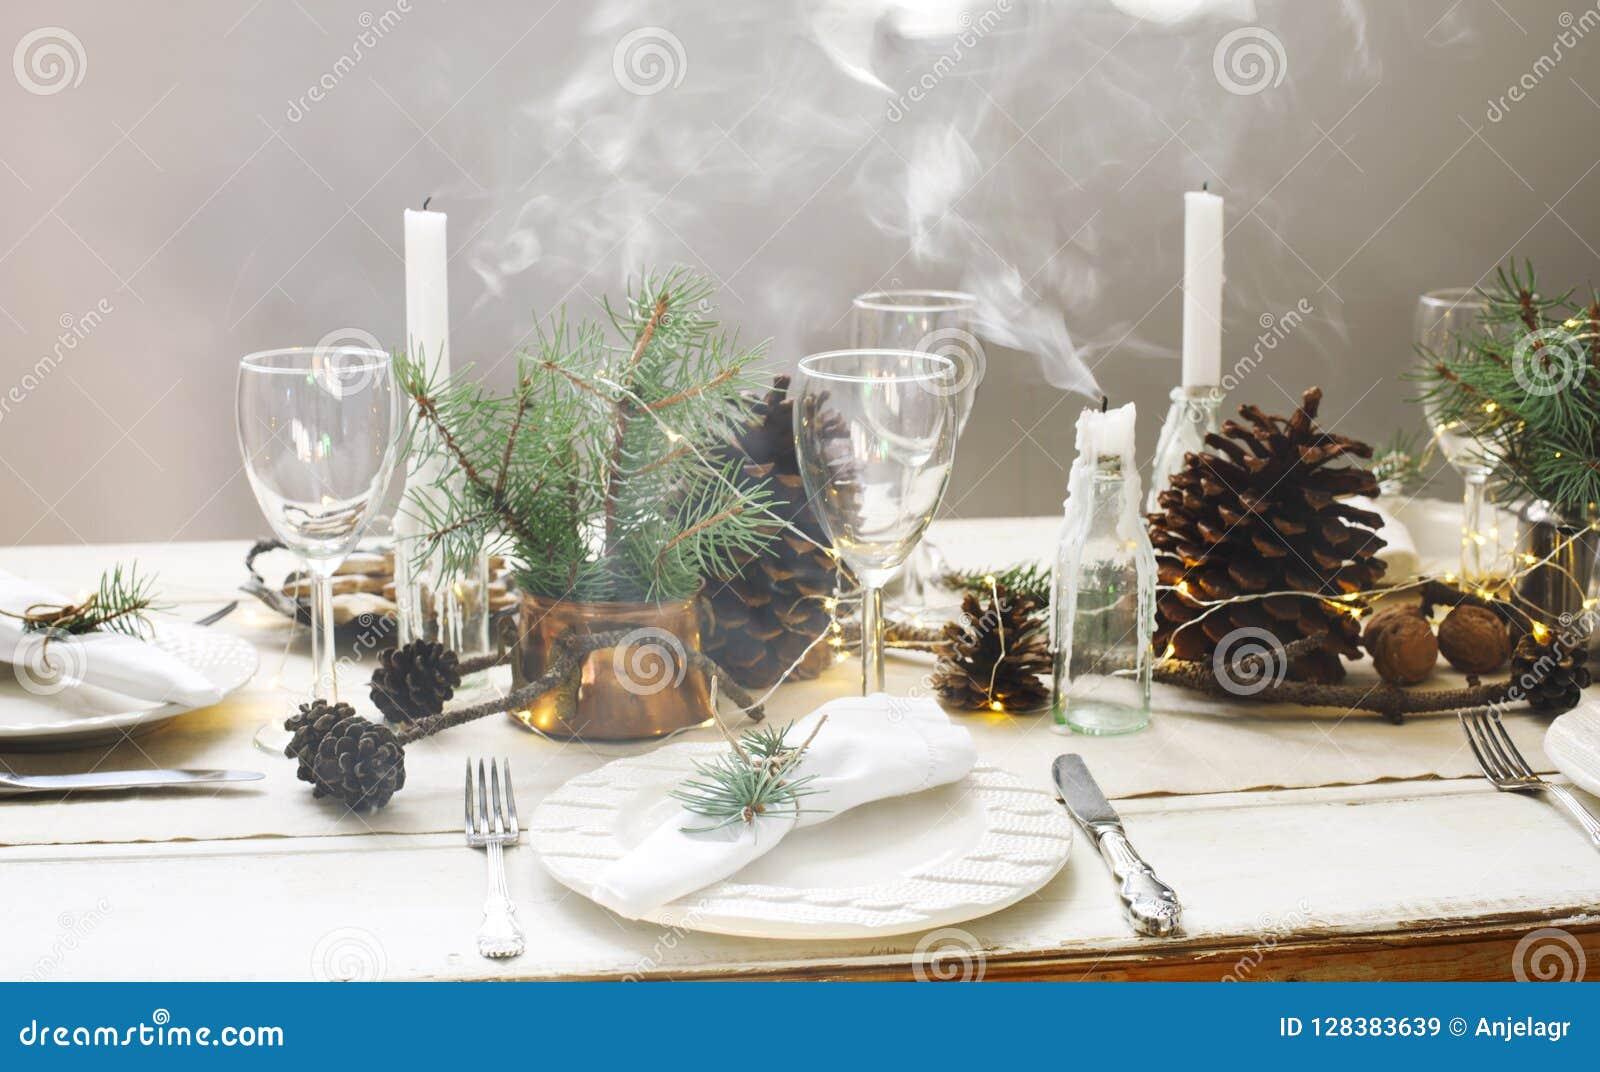 Apelsiner för visare för citroner för data för sammansättning för kaffe för kryddnejlikor för jul för choklad för ängeläpplebolla